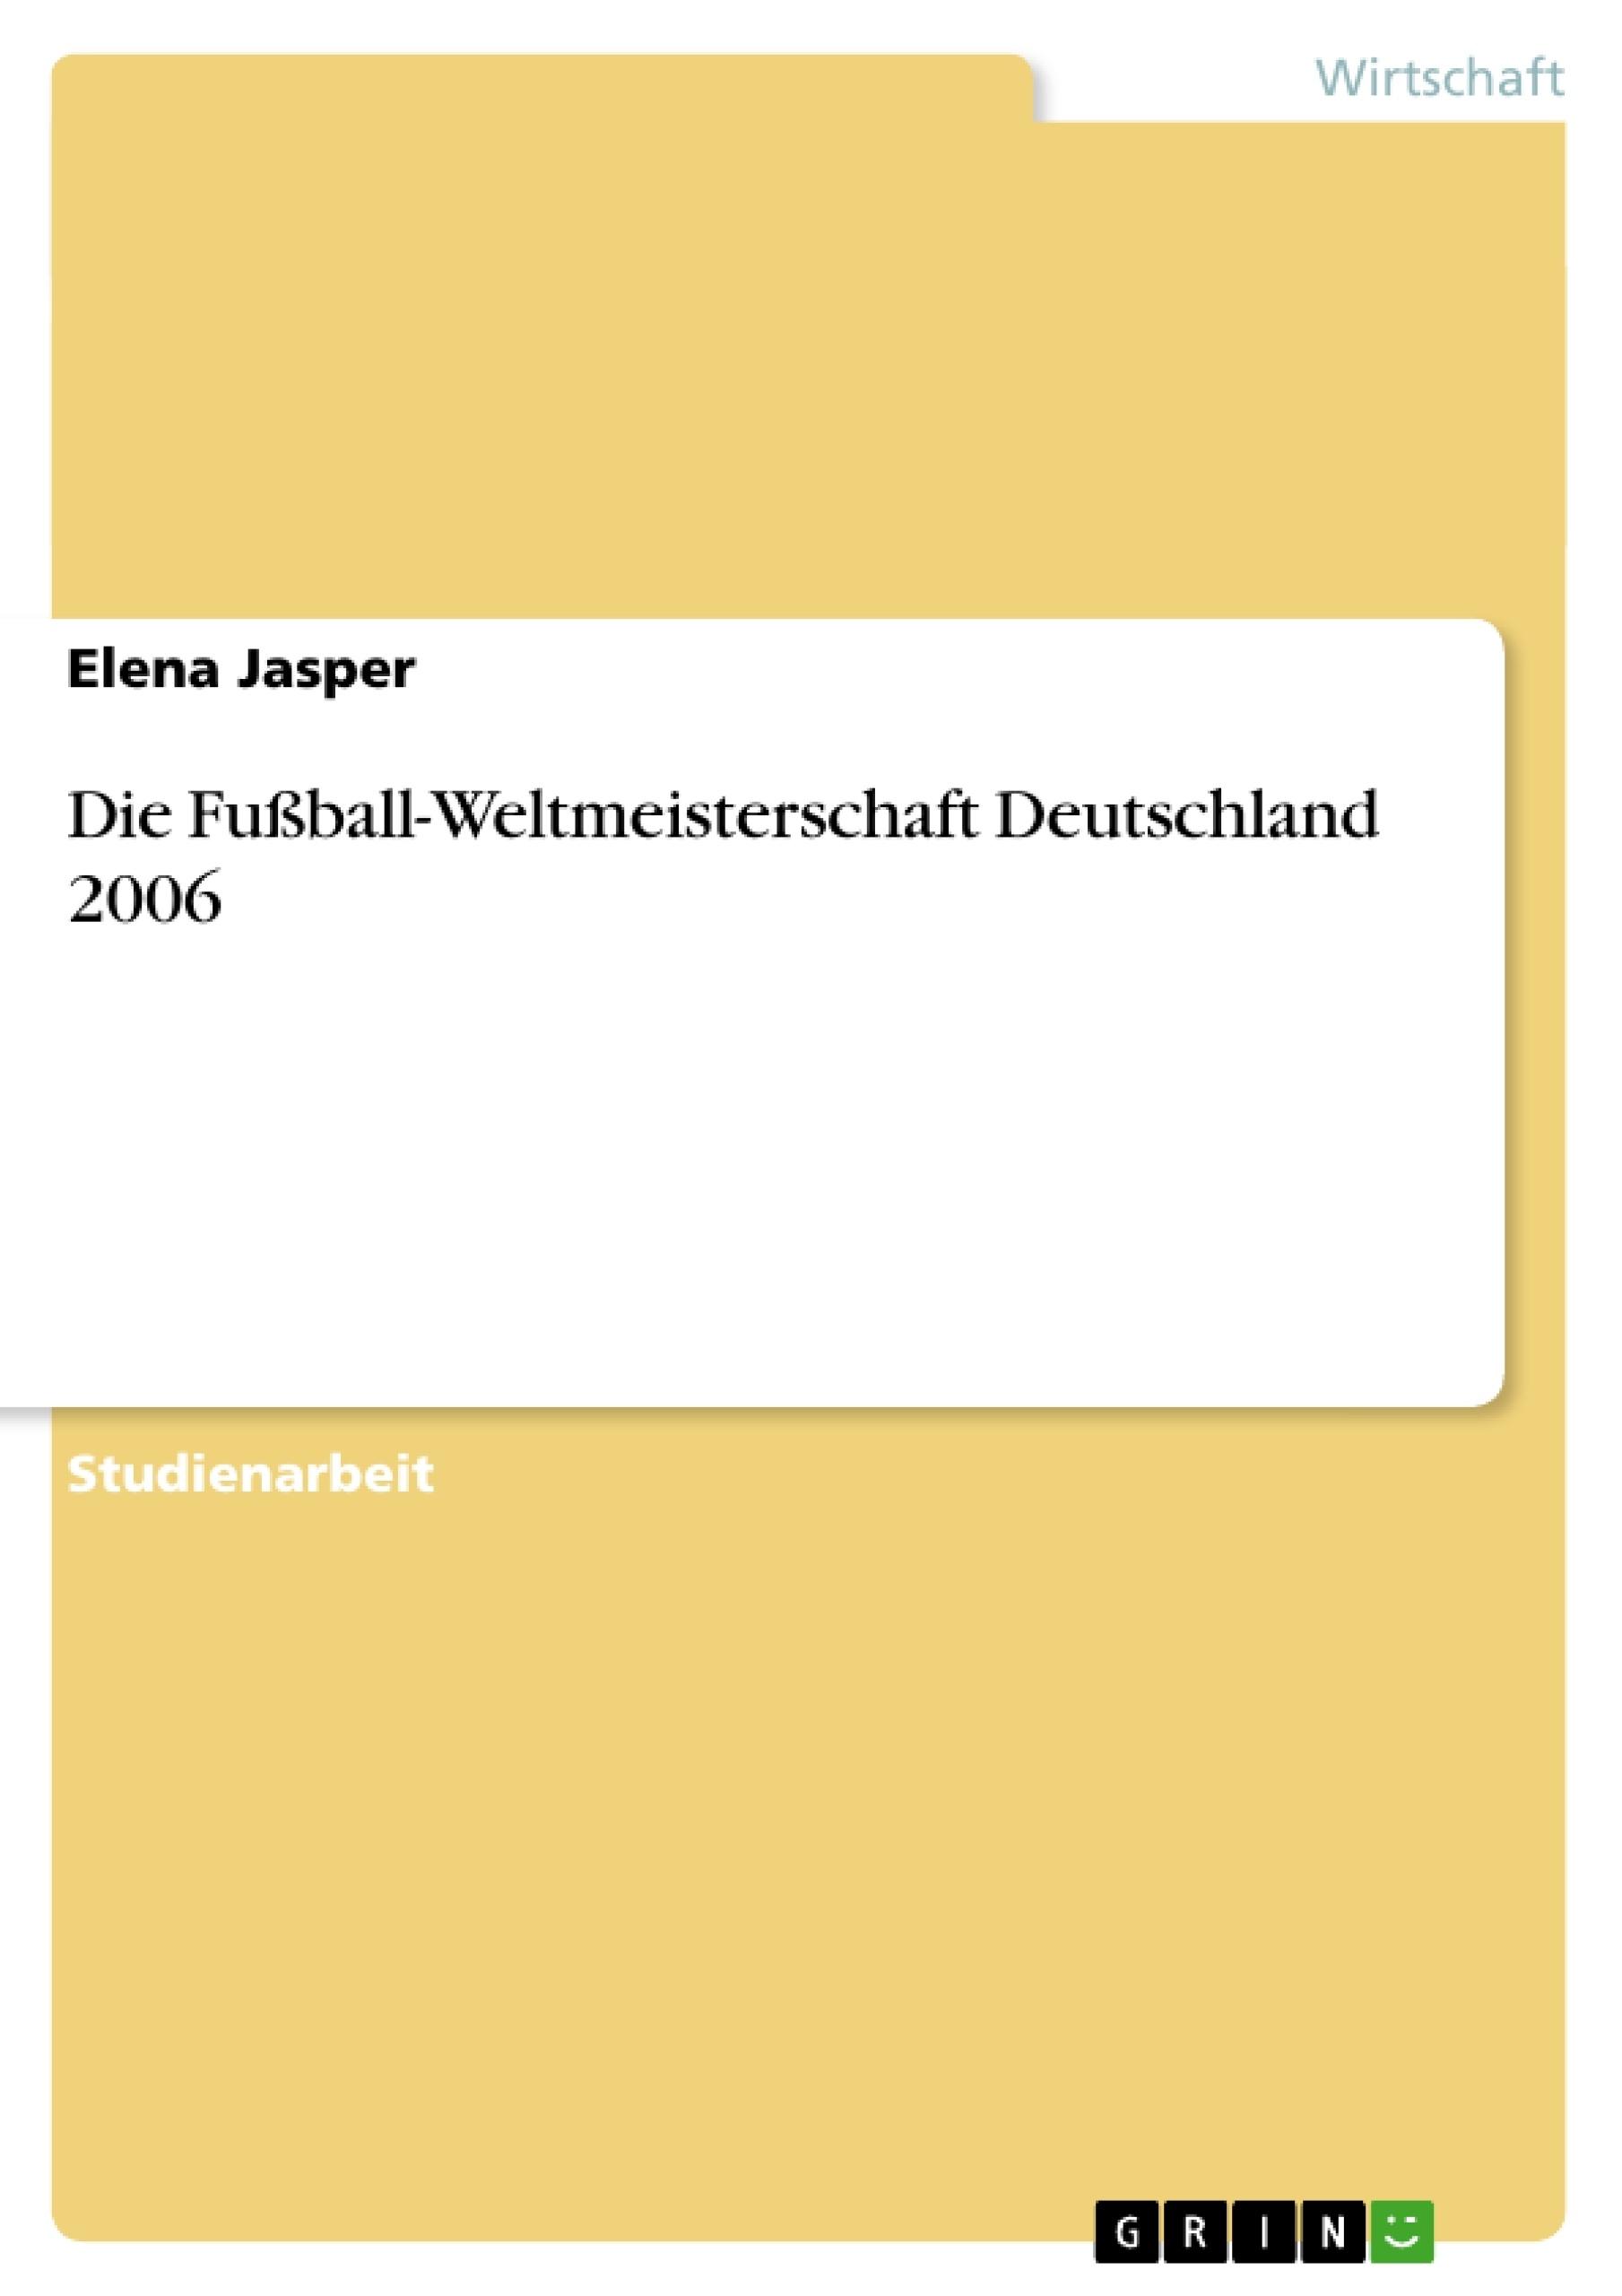 Titel: Die Fußball-Weltmeisterschaft Deutschland 2006